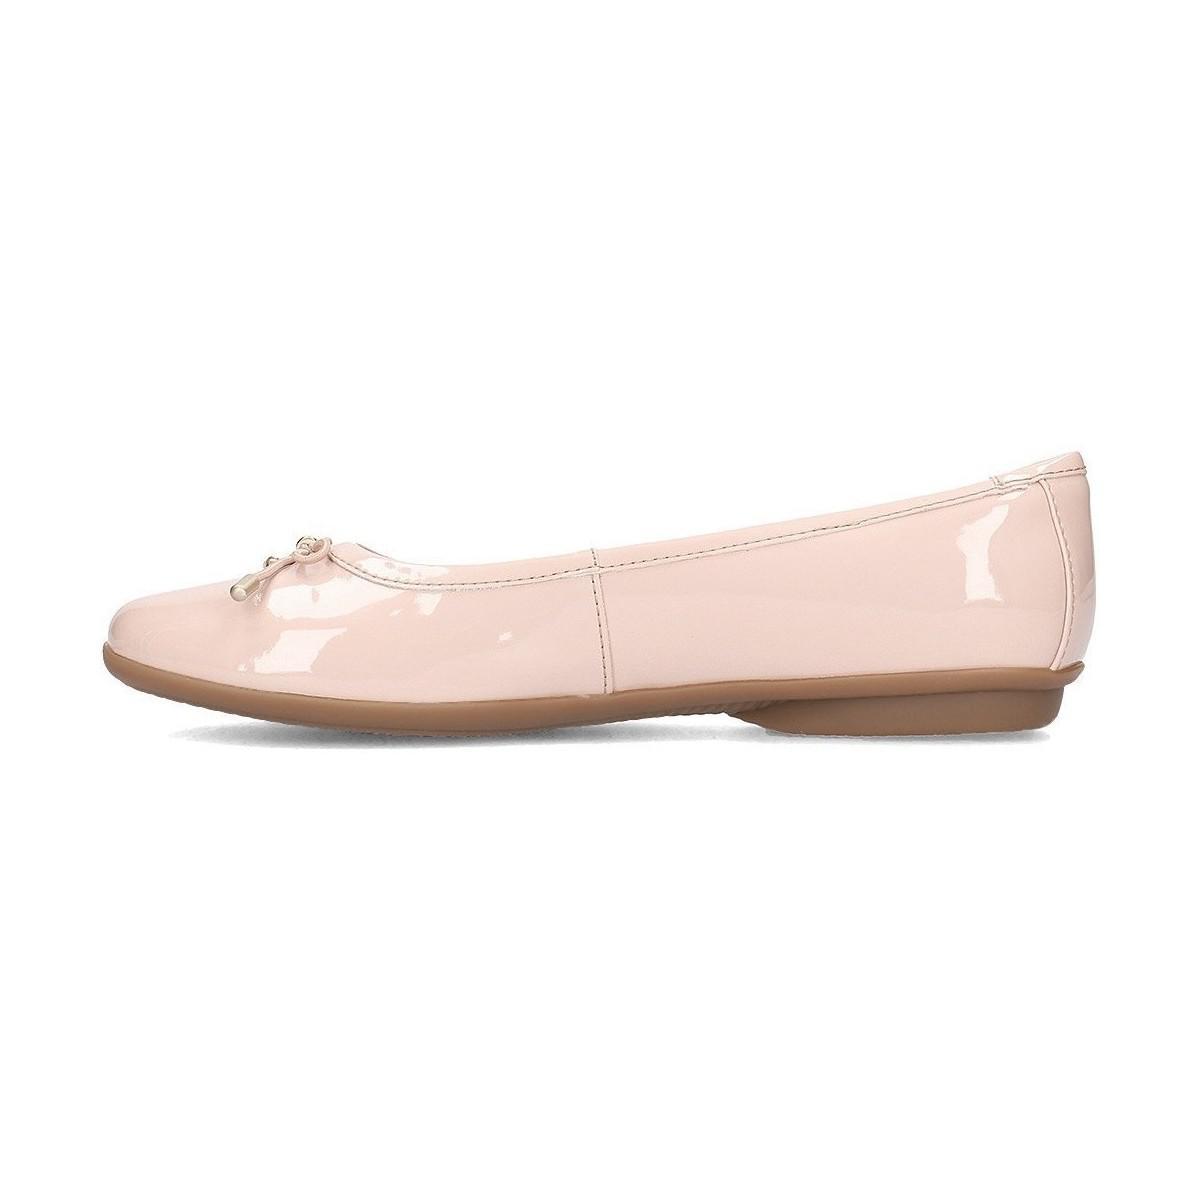 1373662ae0 Clarks Gracelin Blu Women's Shoes (pumps / Ballerinas) In Pink in ...